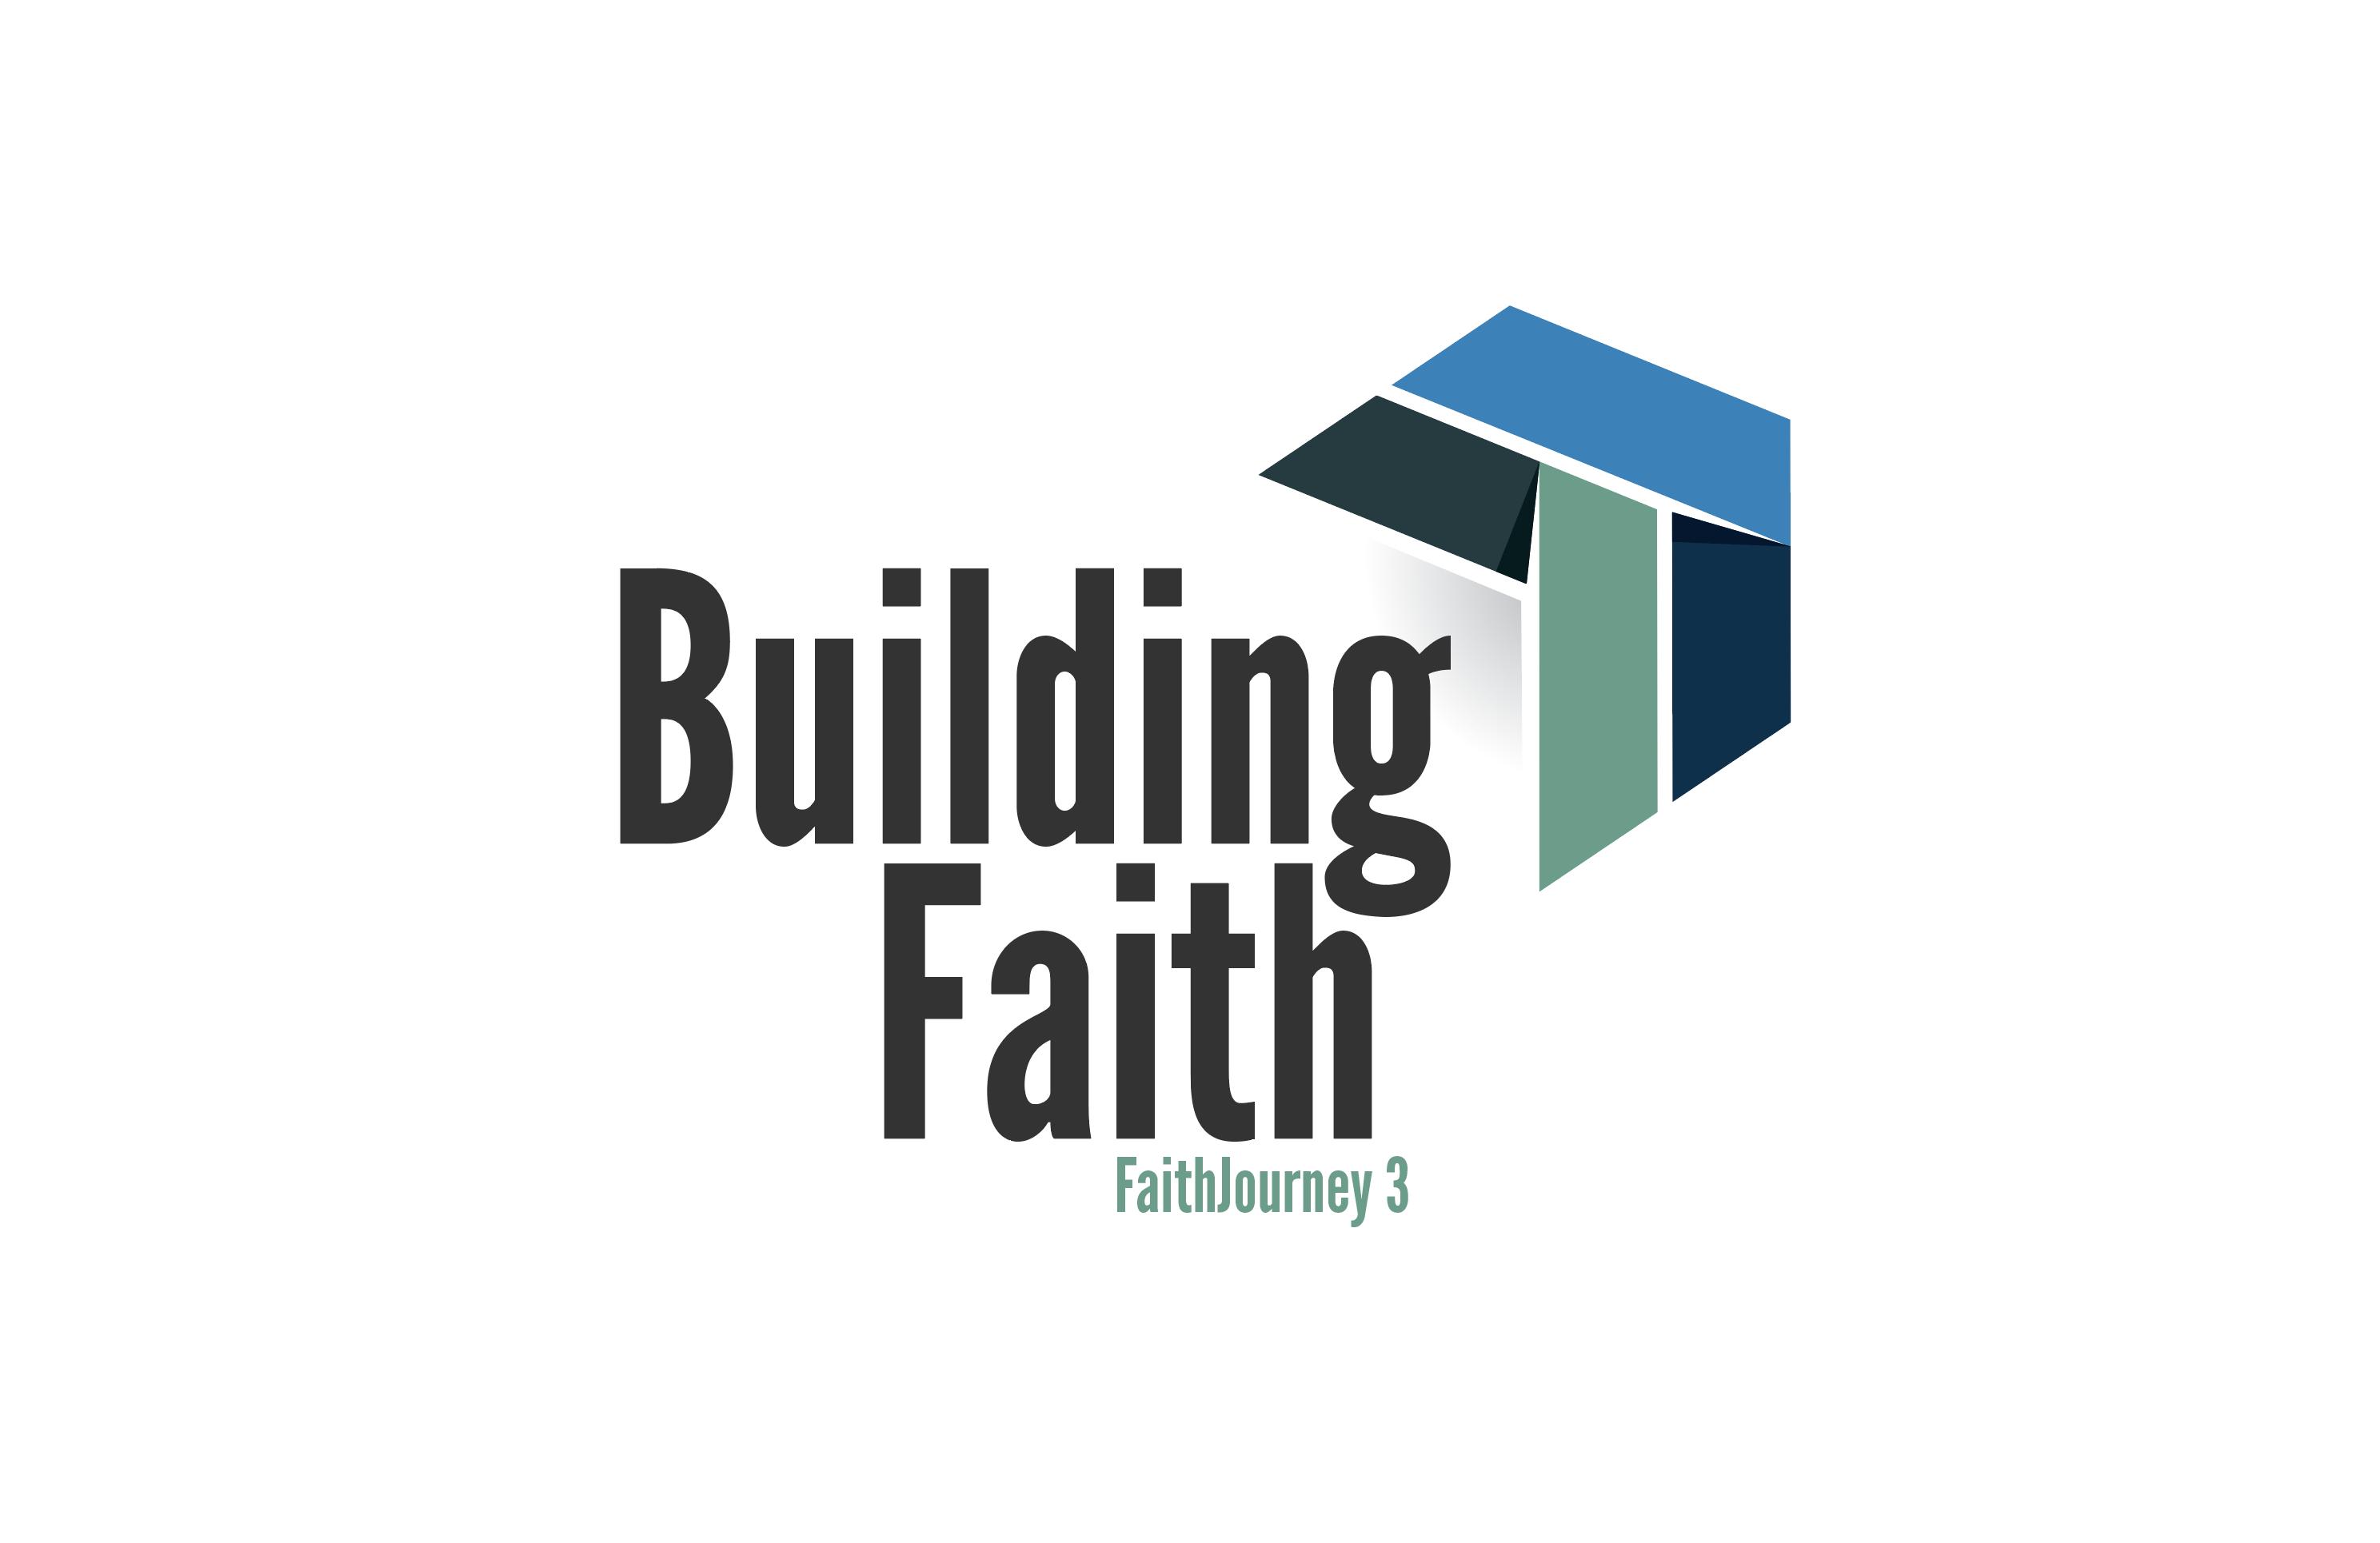 Buildingfaith